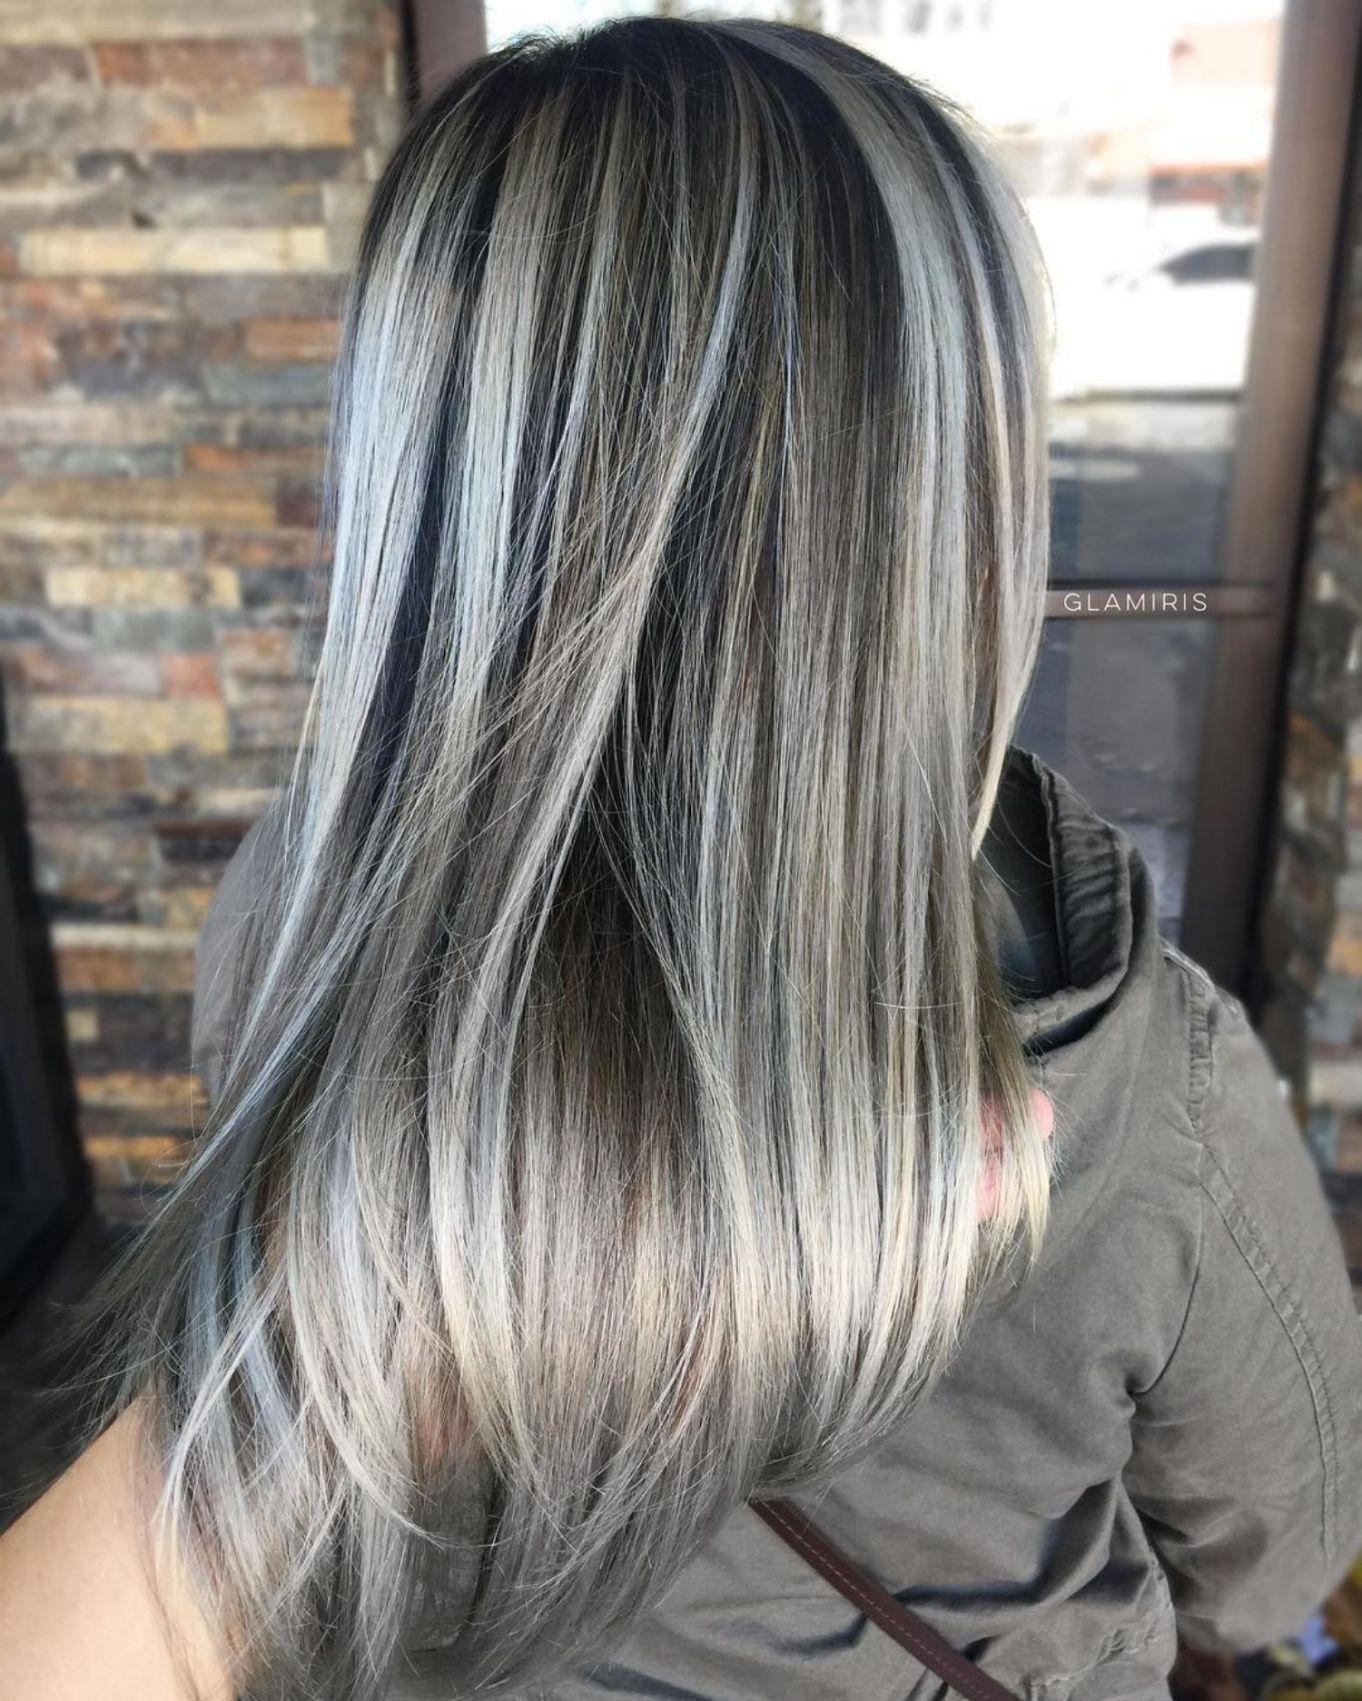 60 Shades Of Grey Silver And White Highlights For Eternal Youth Color De Cabello Platinado Cabello Rubio Cenizo Cabello Con Mechas Cenizas